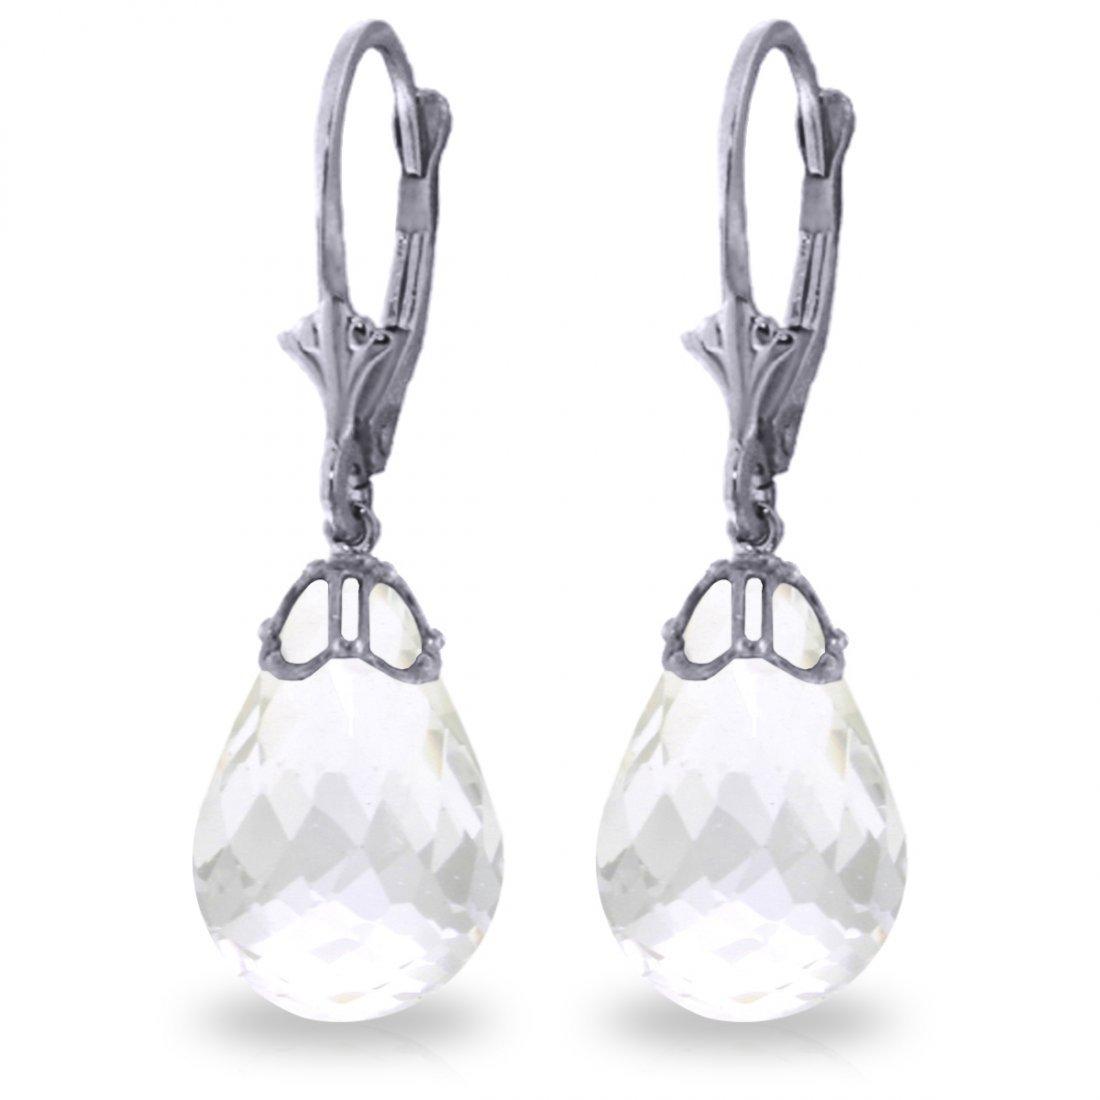 14k White Gold 14.0ct White Topaz Earrings